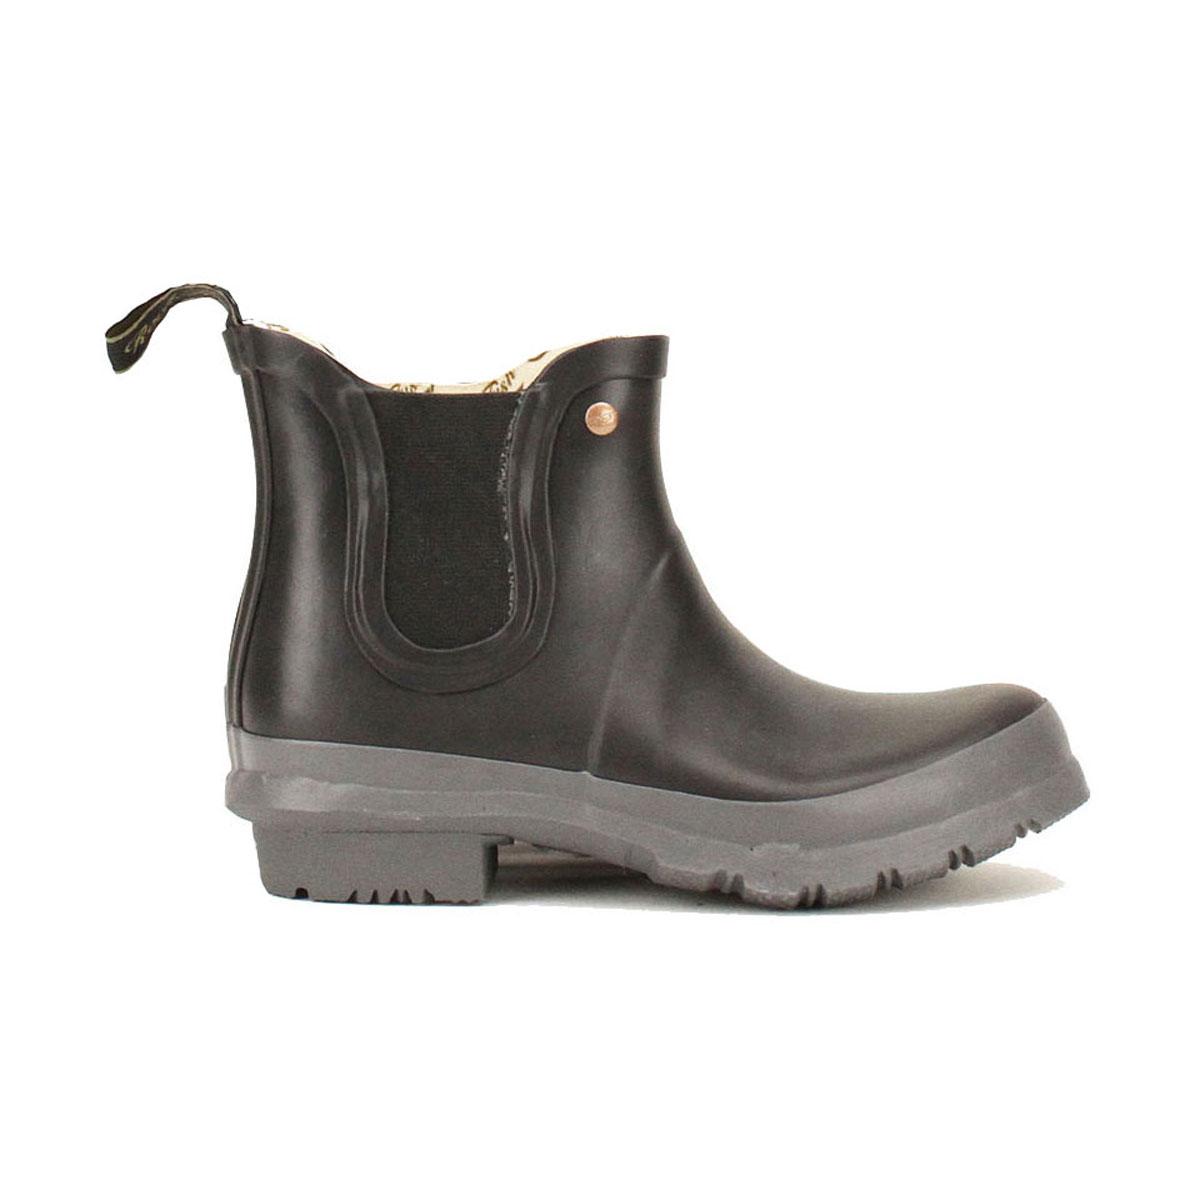 (ロックフィッシュ) Rockfish レディース マット チェルシーブーツ 婦人靴 長靴 レインブーツ 女性用 【海外直送】